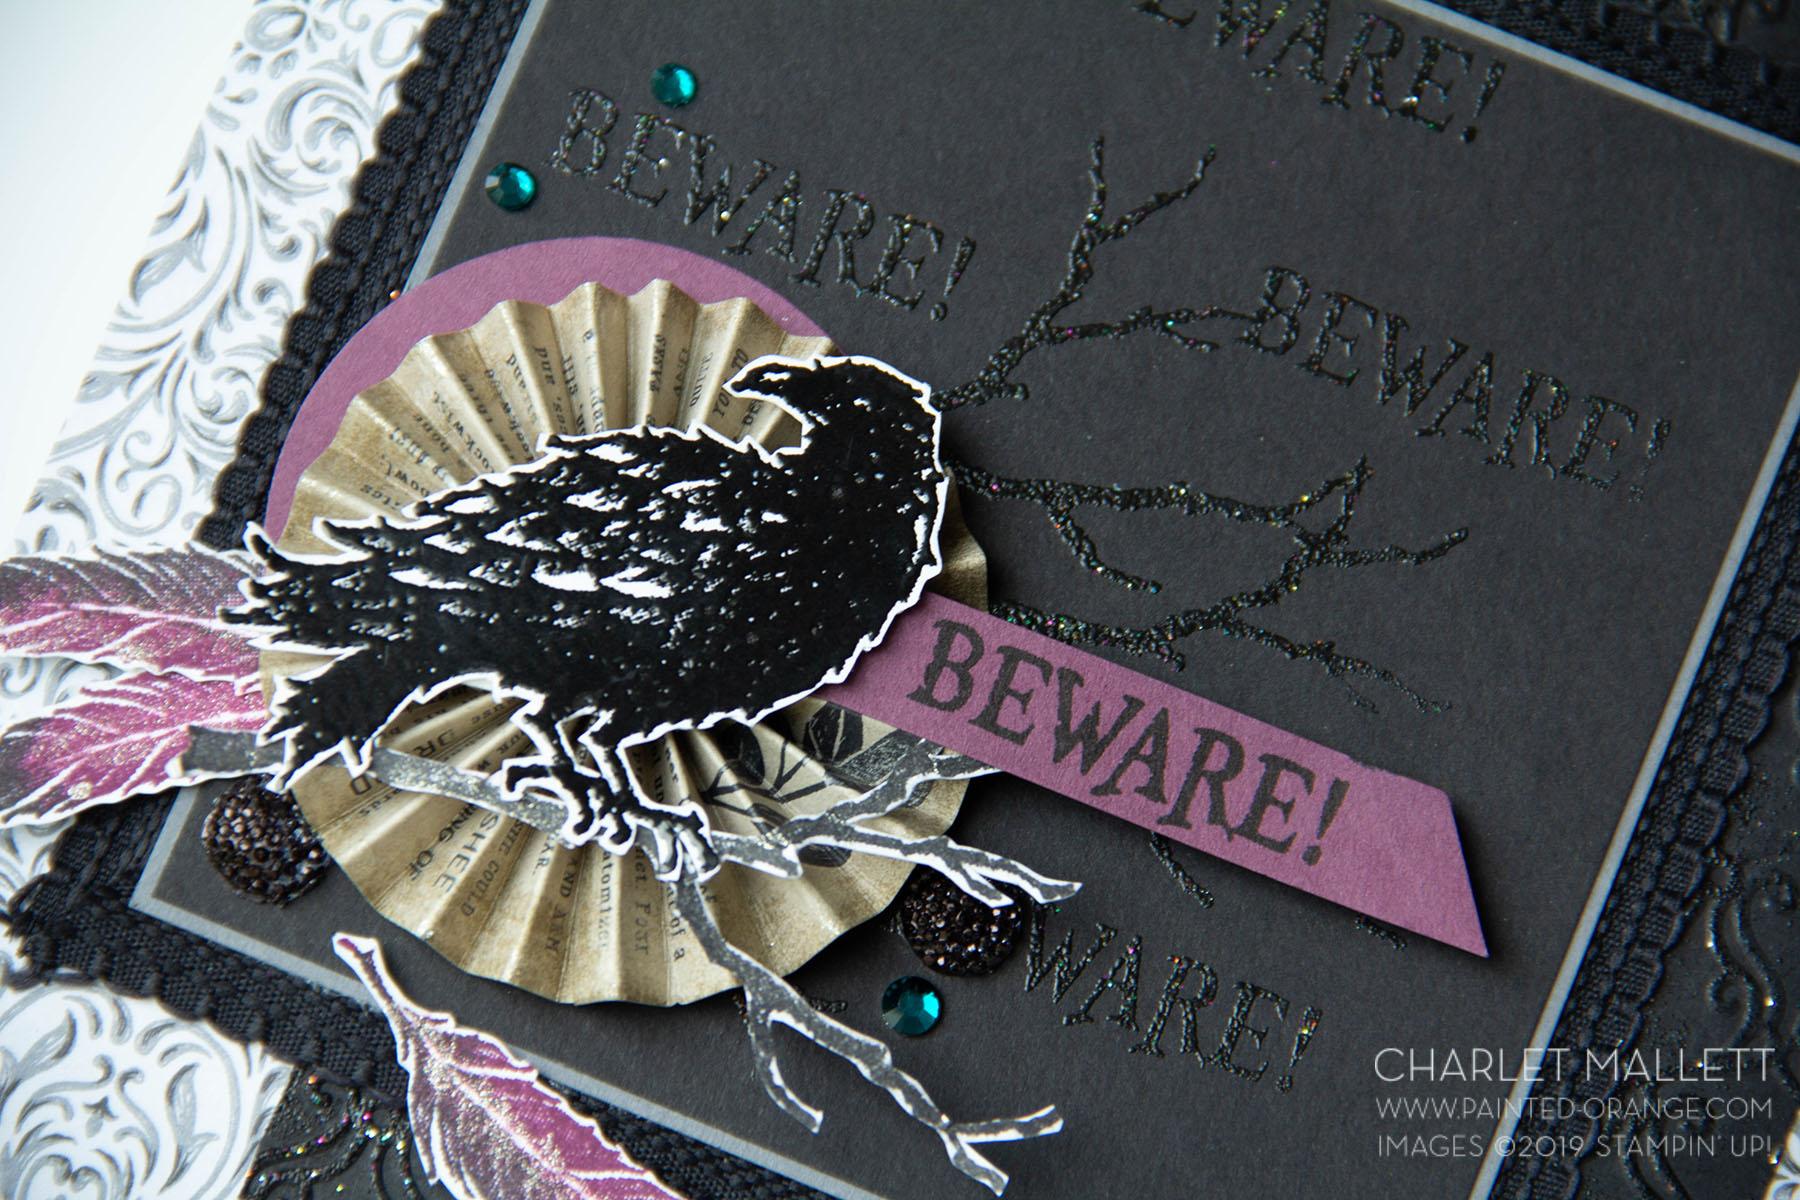 Raven (7 of 9).jpg